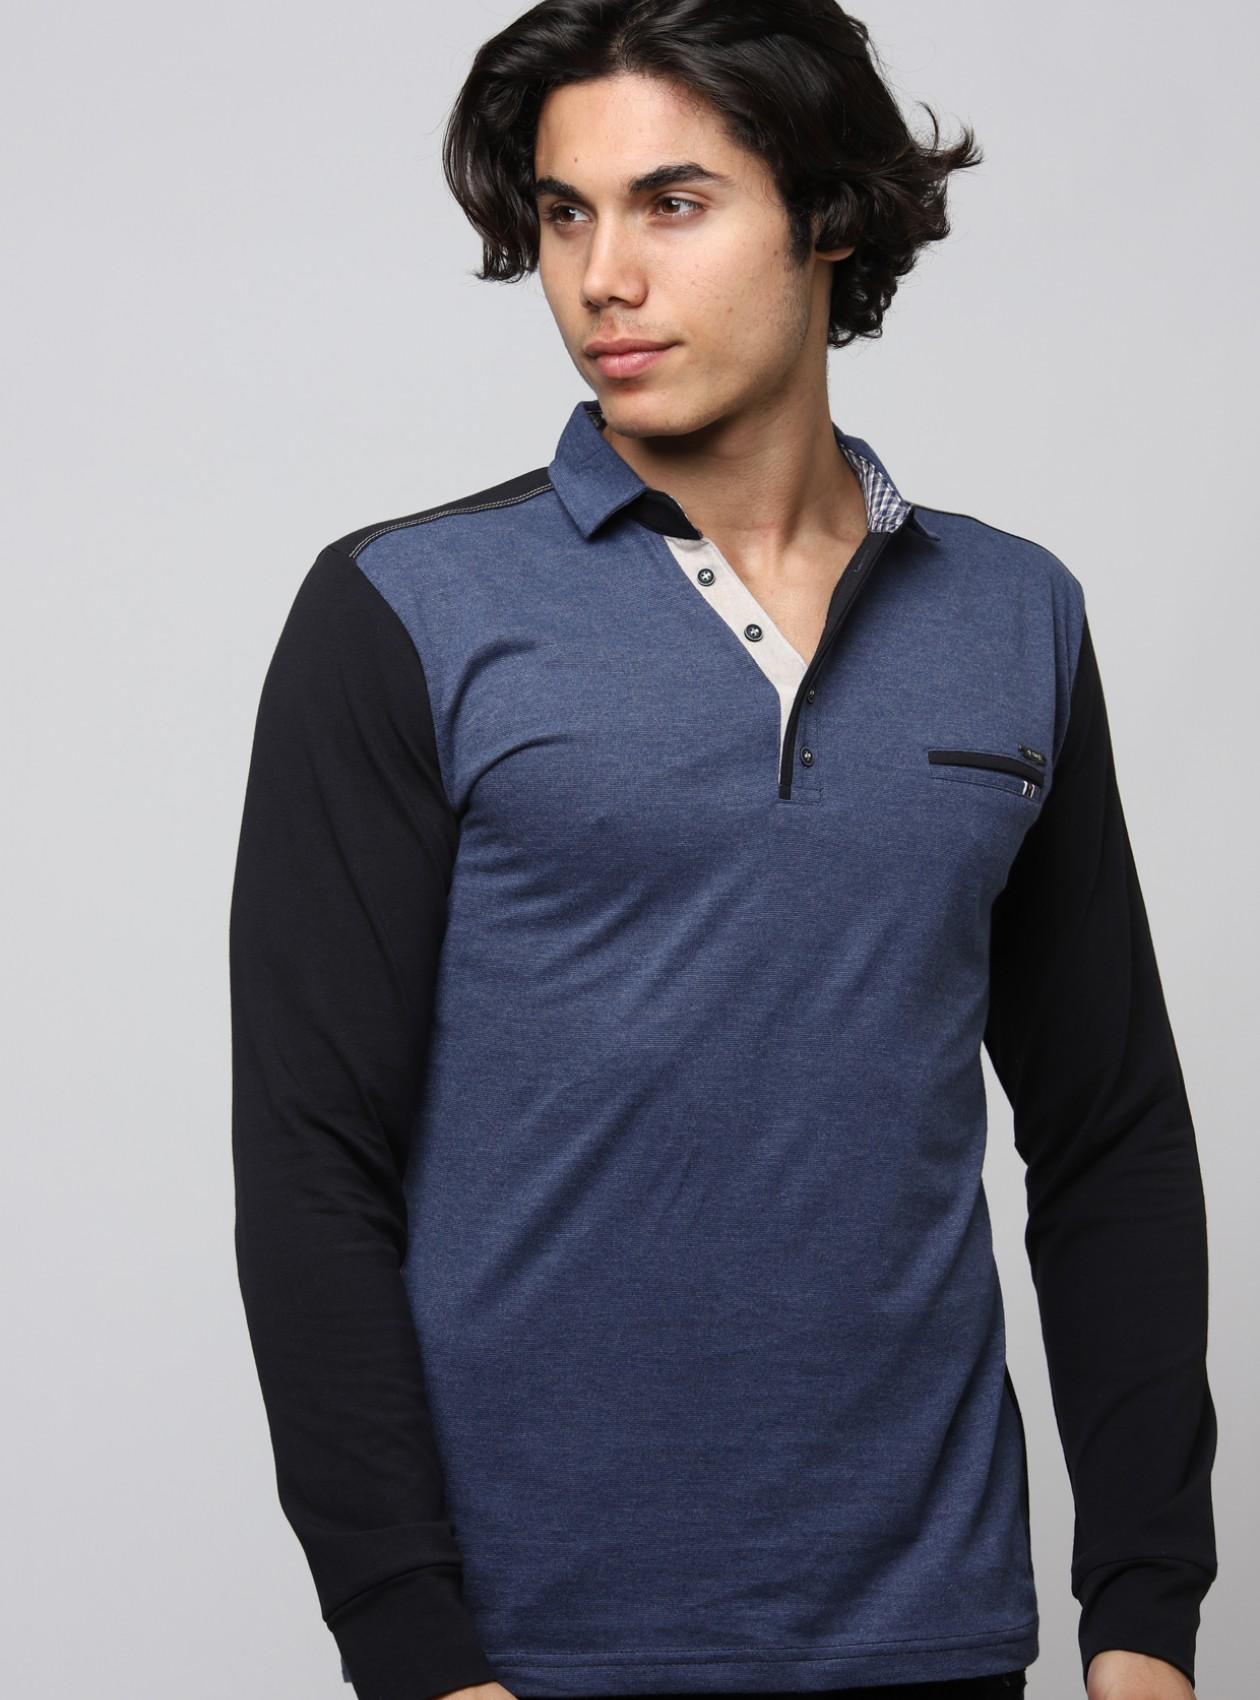 Original Polo Homme Bleu